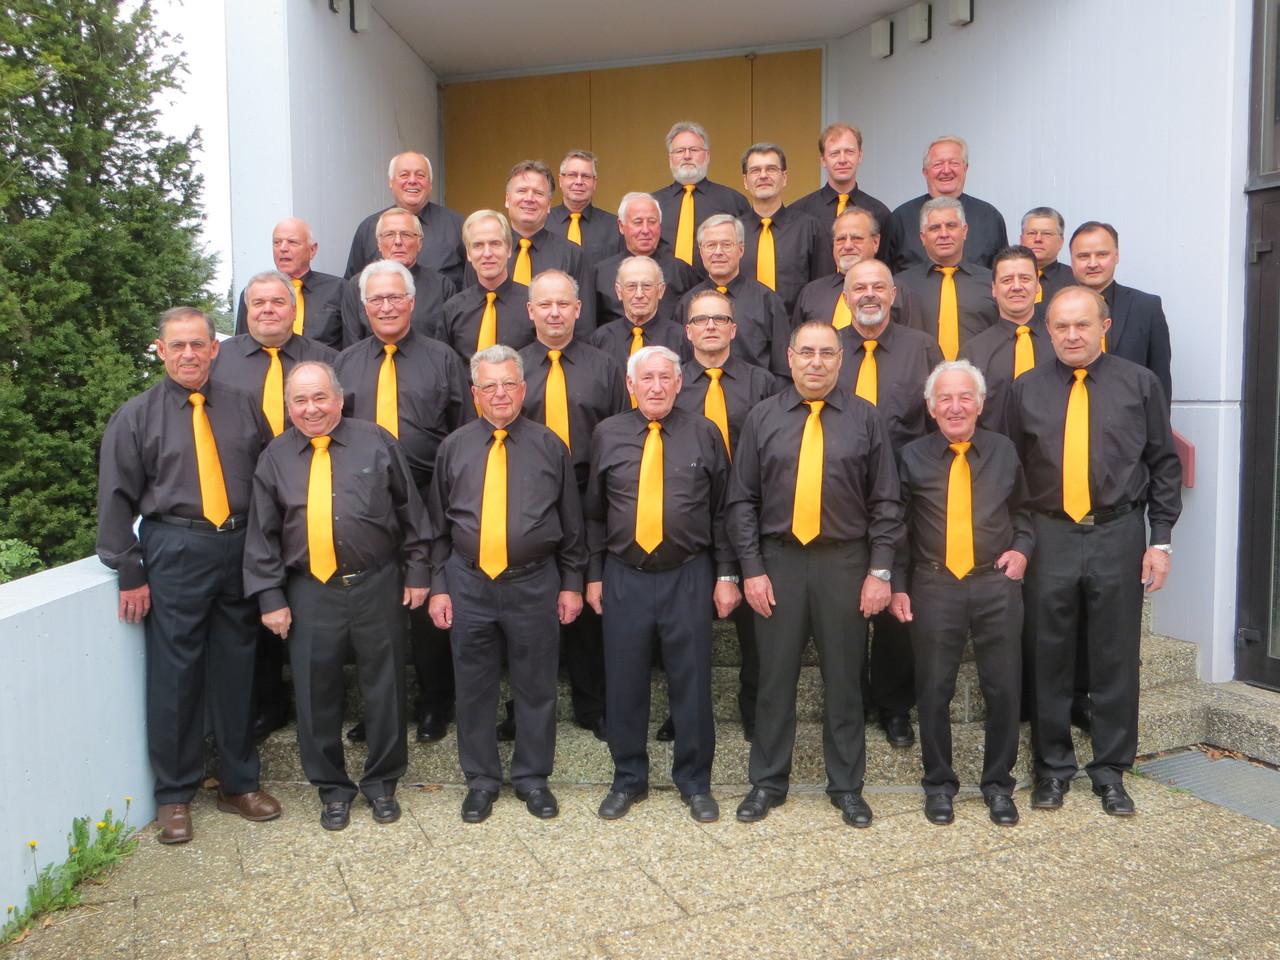 Lieber Winfried, herzlichen Dank für Deine unermüdlichen Einsätze für unseren Männerchor. Wir werden Dich nie vergessen!